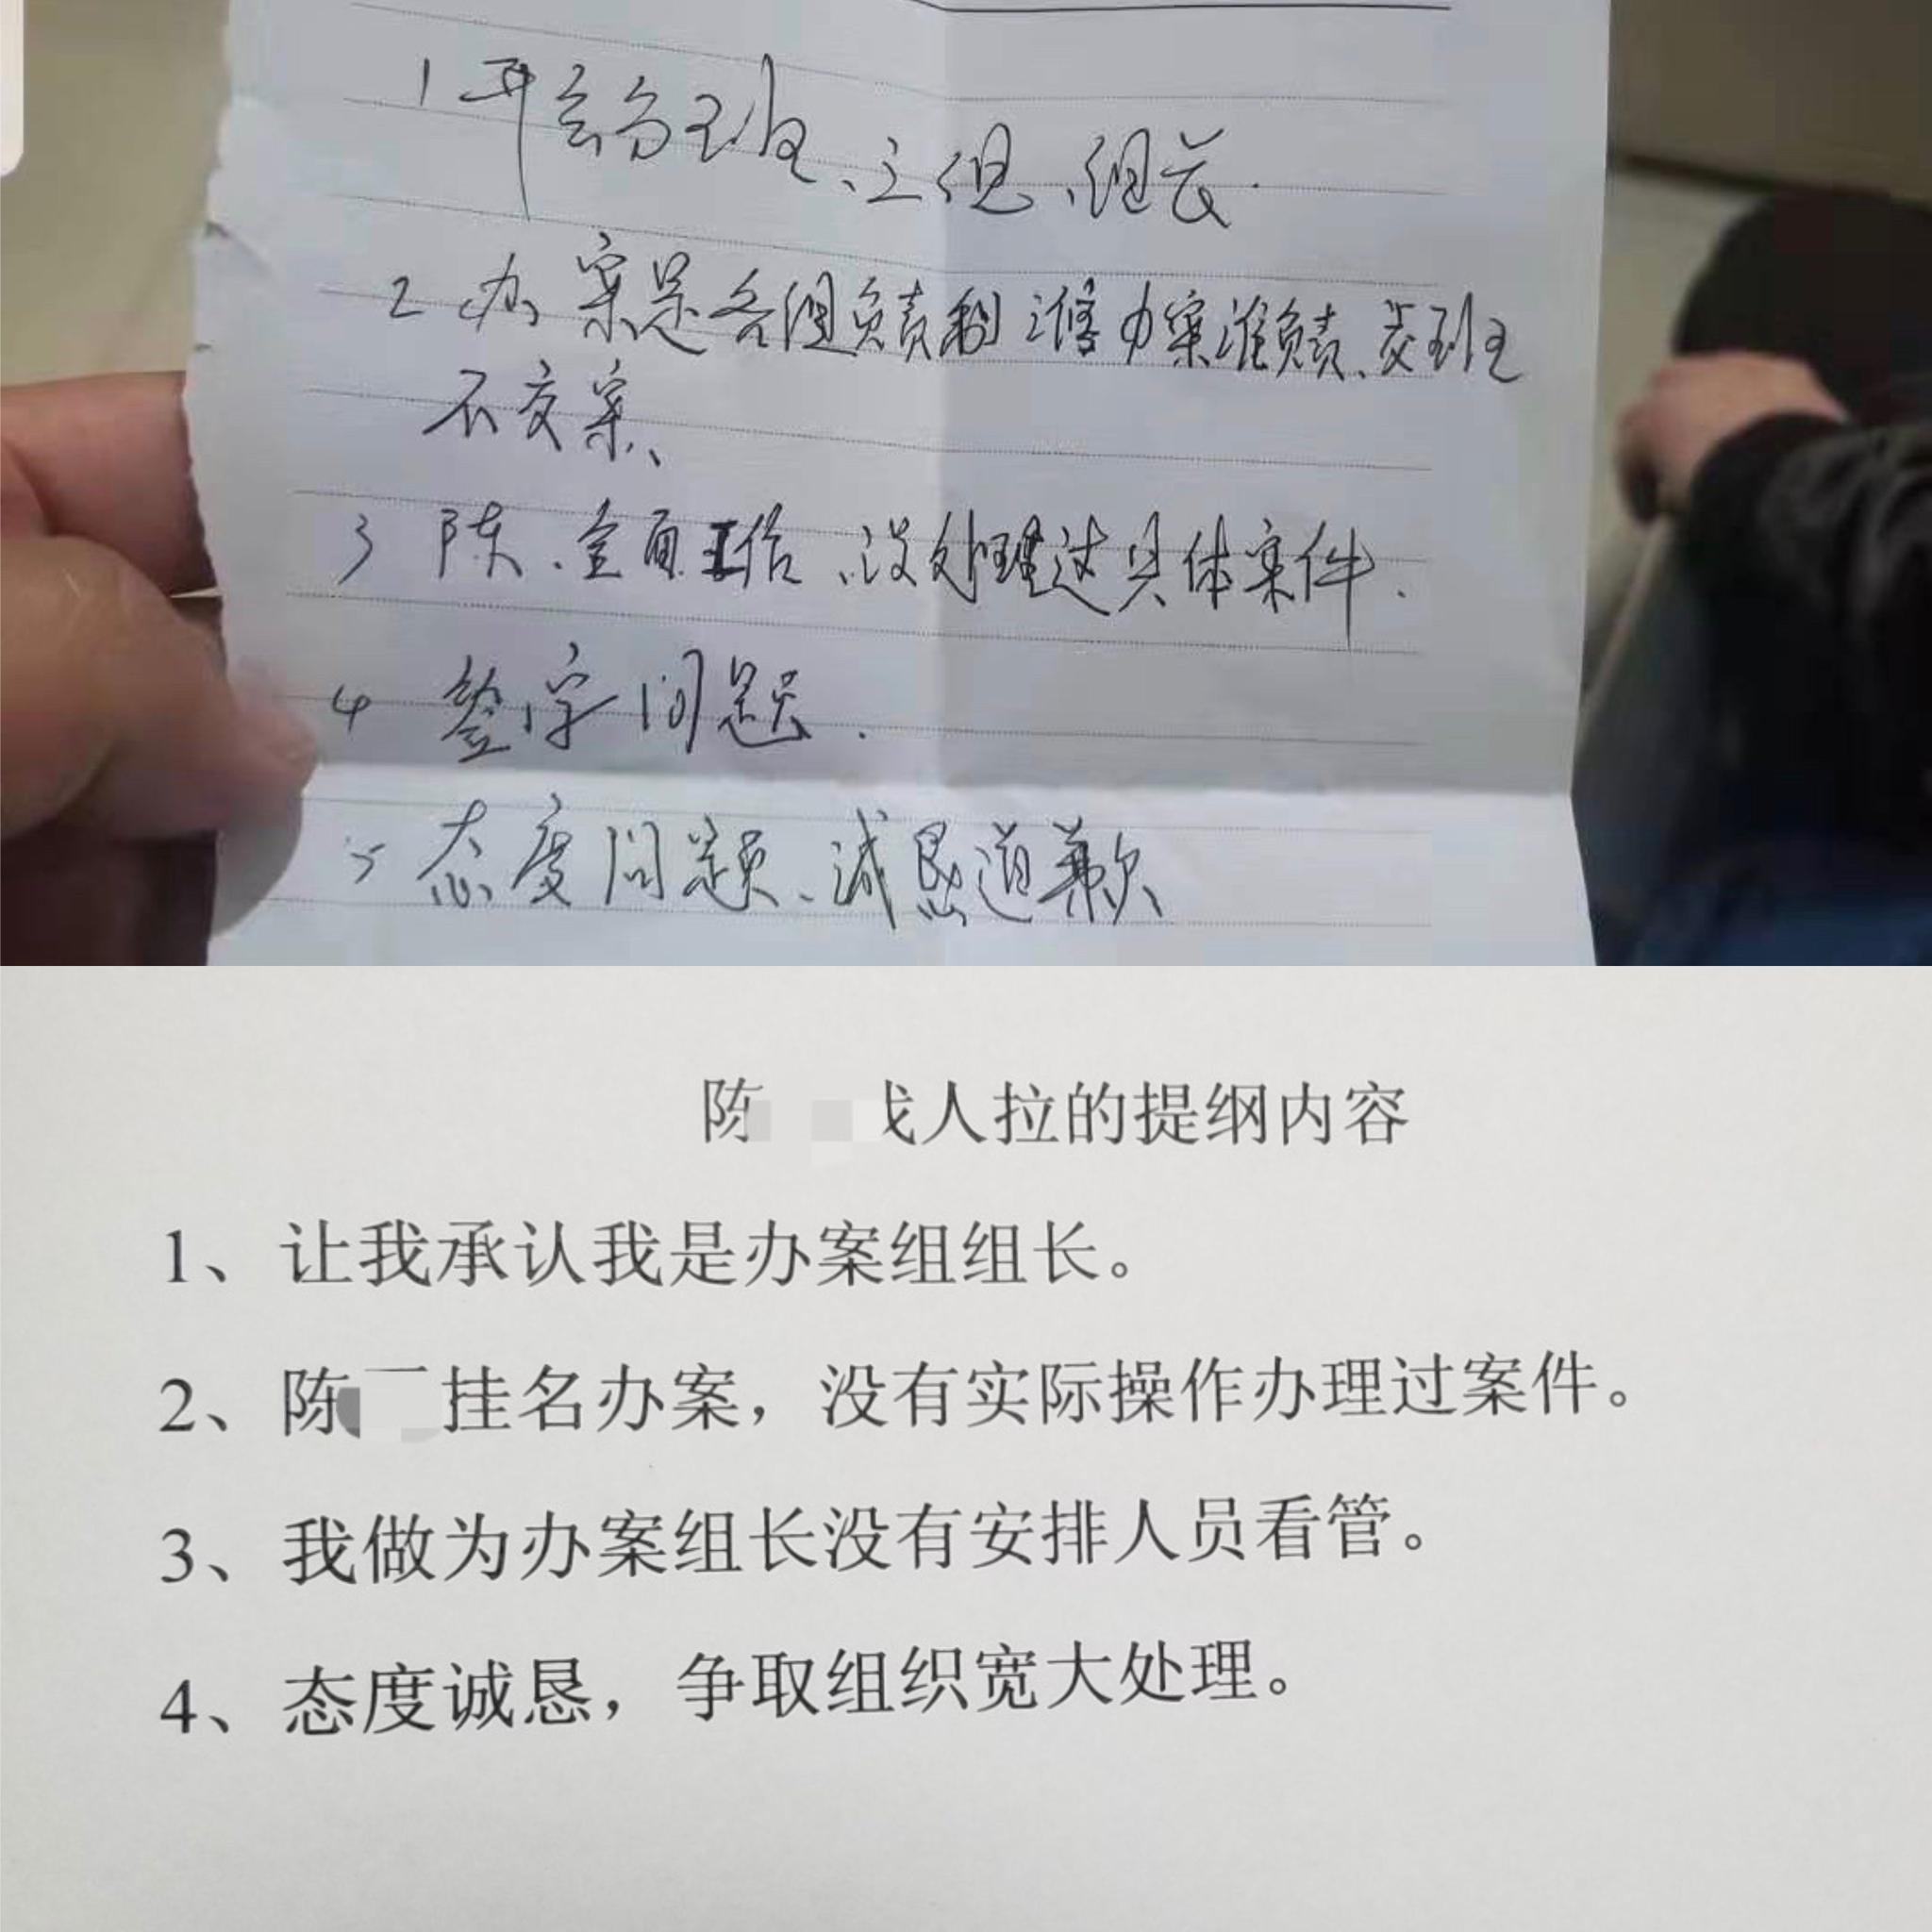 上图为手写提纲内容,下图为杨明总结的提纲主要内容。受访者供图